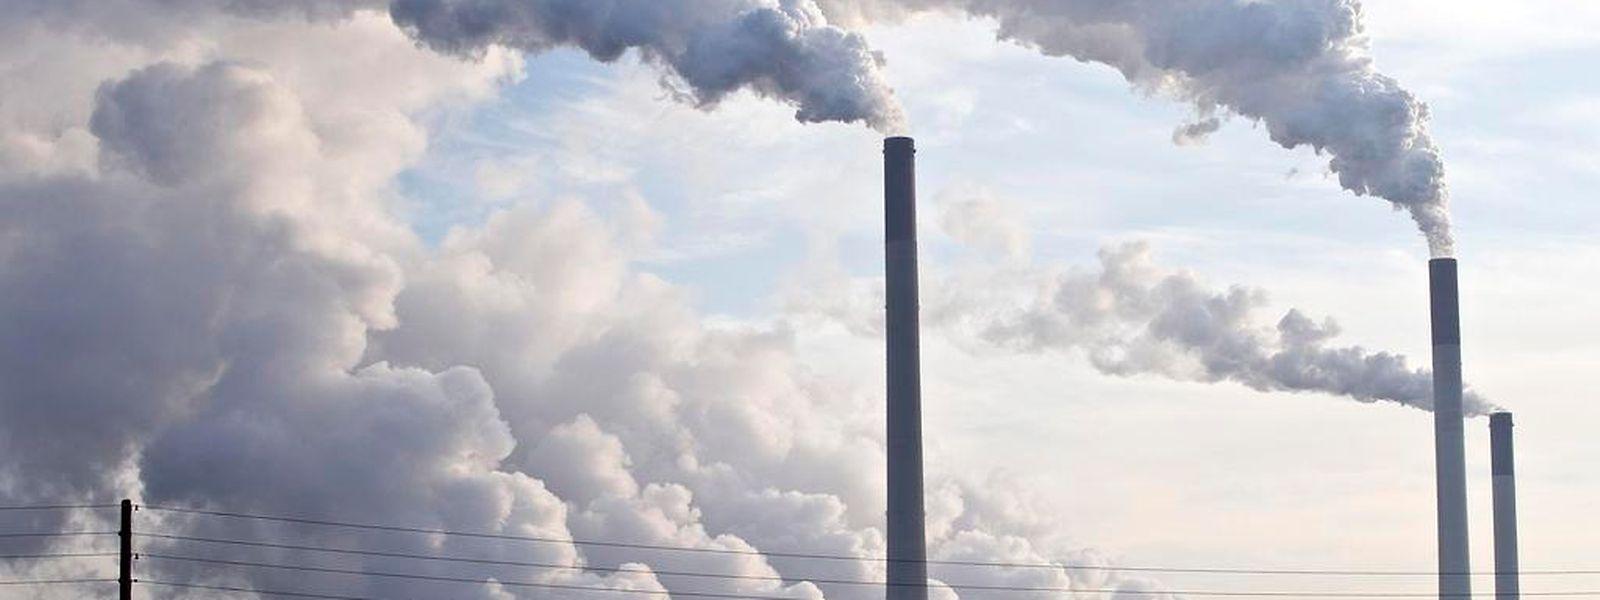 Kohlekraftwerke als Klimasünder: Europäische Emissionszertifikate erlauben es Unternehmen, eine bestimmte Menge Kohlendioxyd auszustoßen.